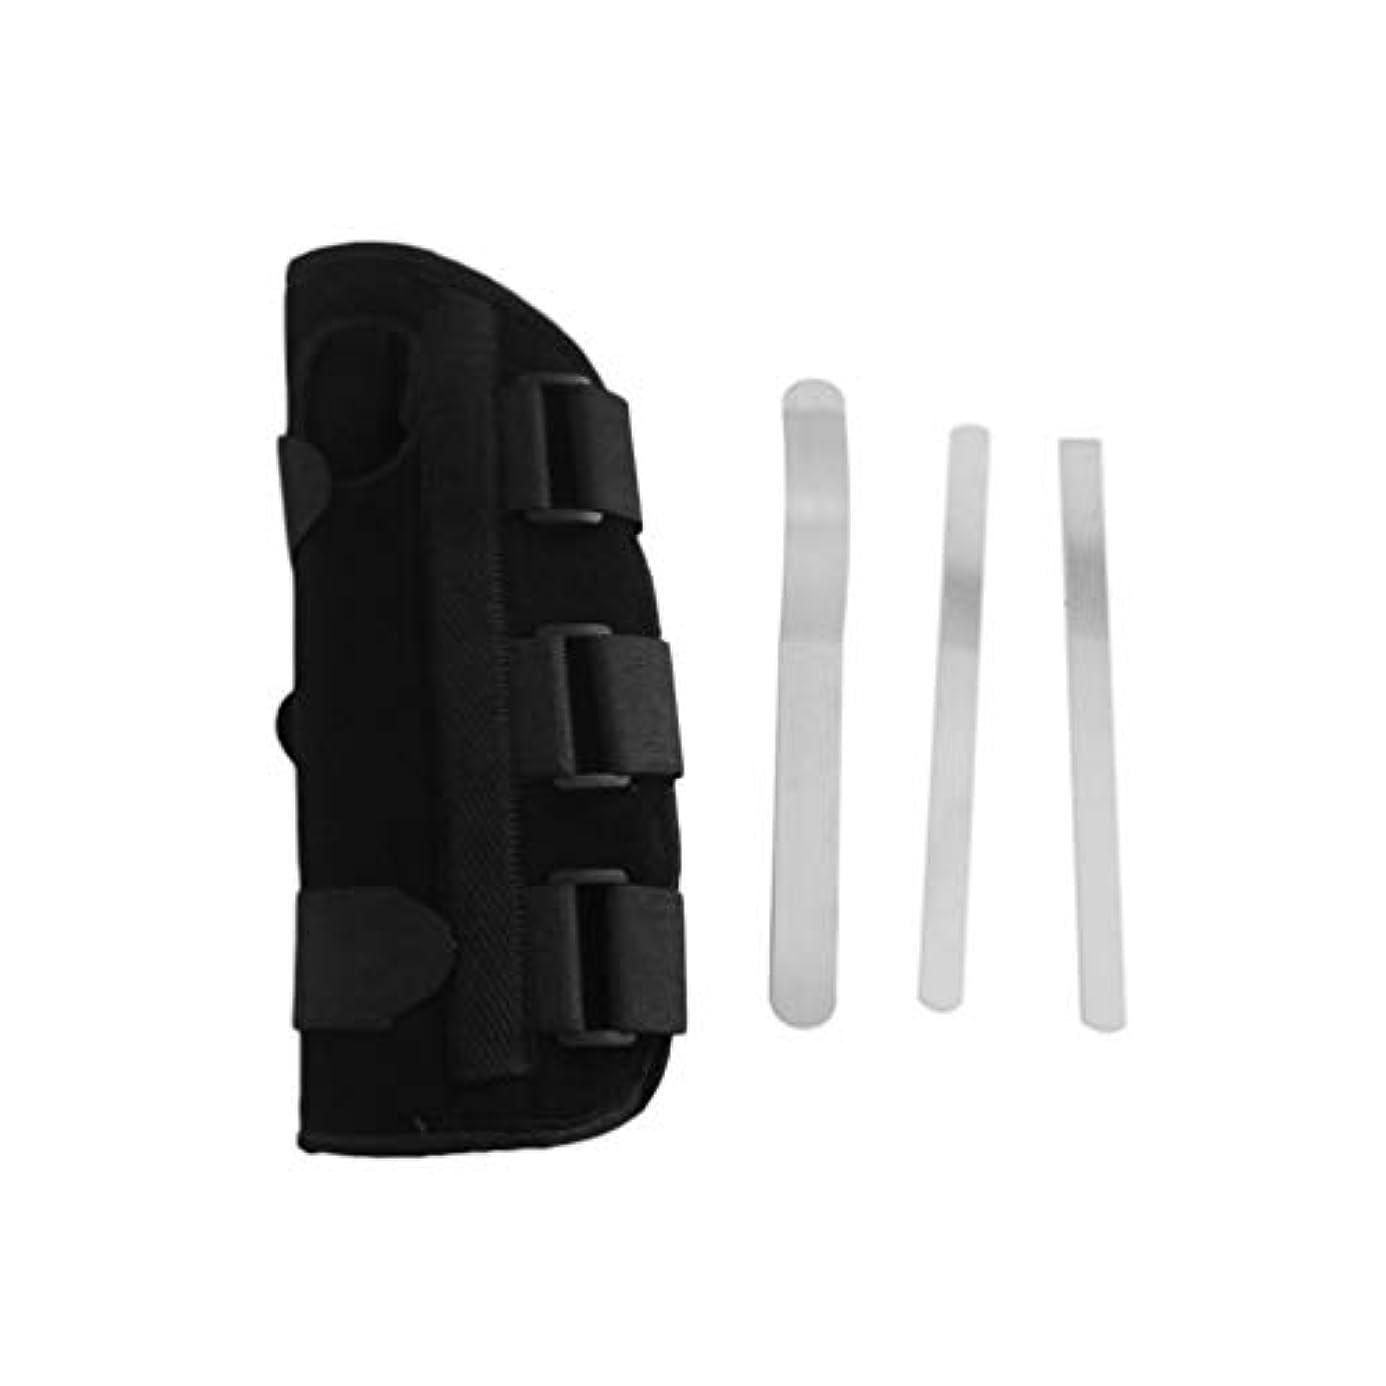 人物かわいらしいクラックポット手首副木ブレース保護サポートストラップカルペルトンネルCTS RSI痛み軽減取り外し可能な副木快適な軽量ストラップ - ブラックS